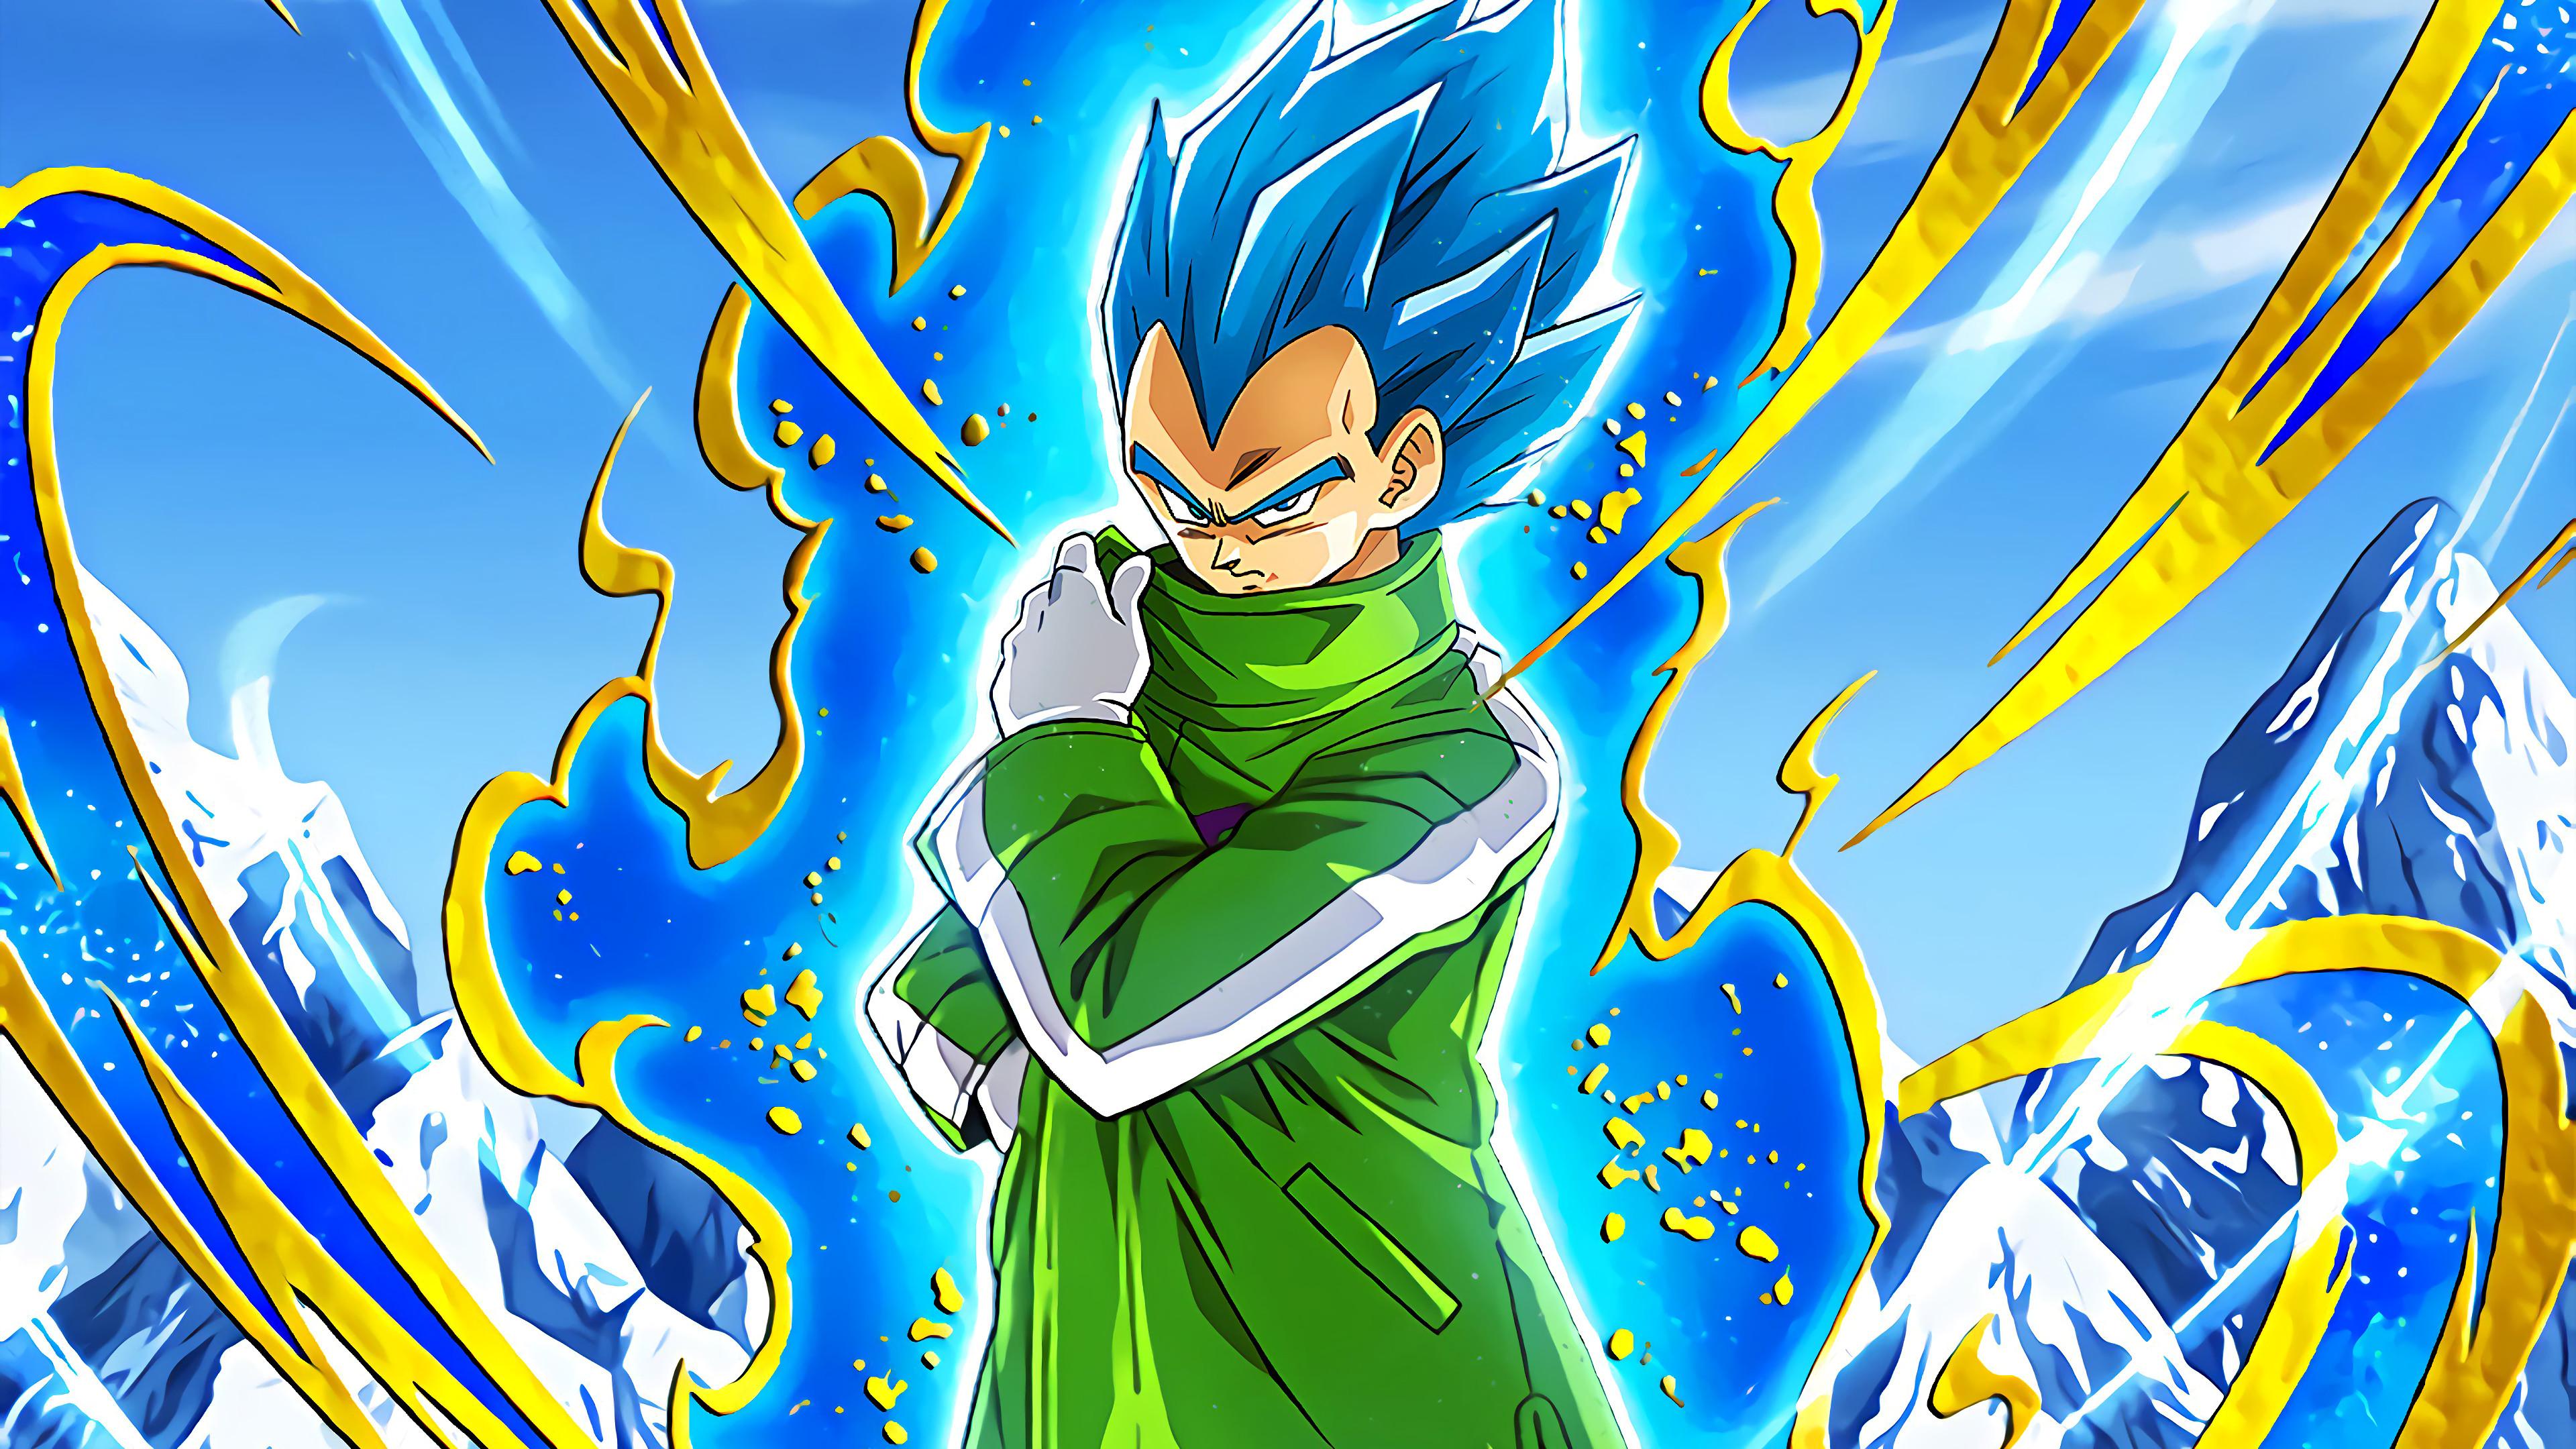 Vegeta Super Saiyan Blue Dragon Ball Super 81751 Hd